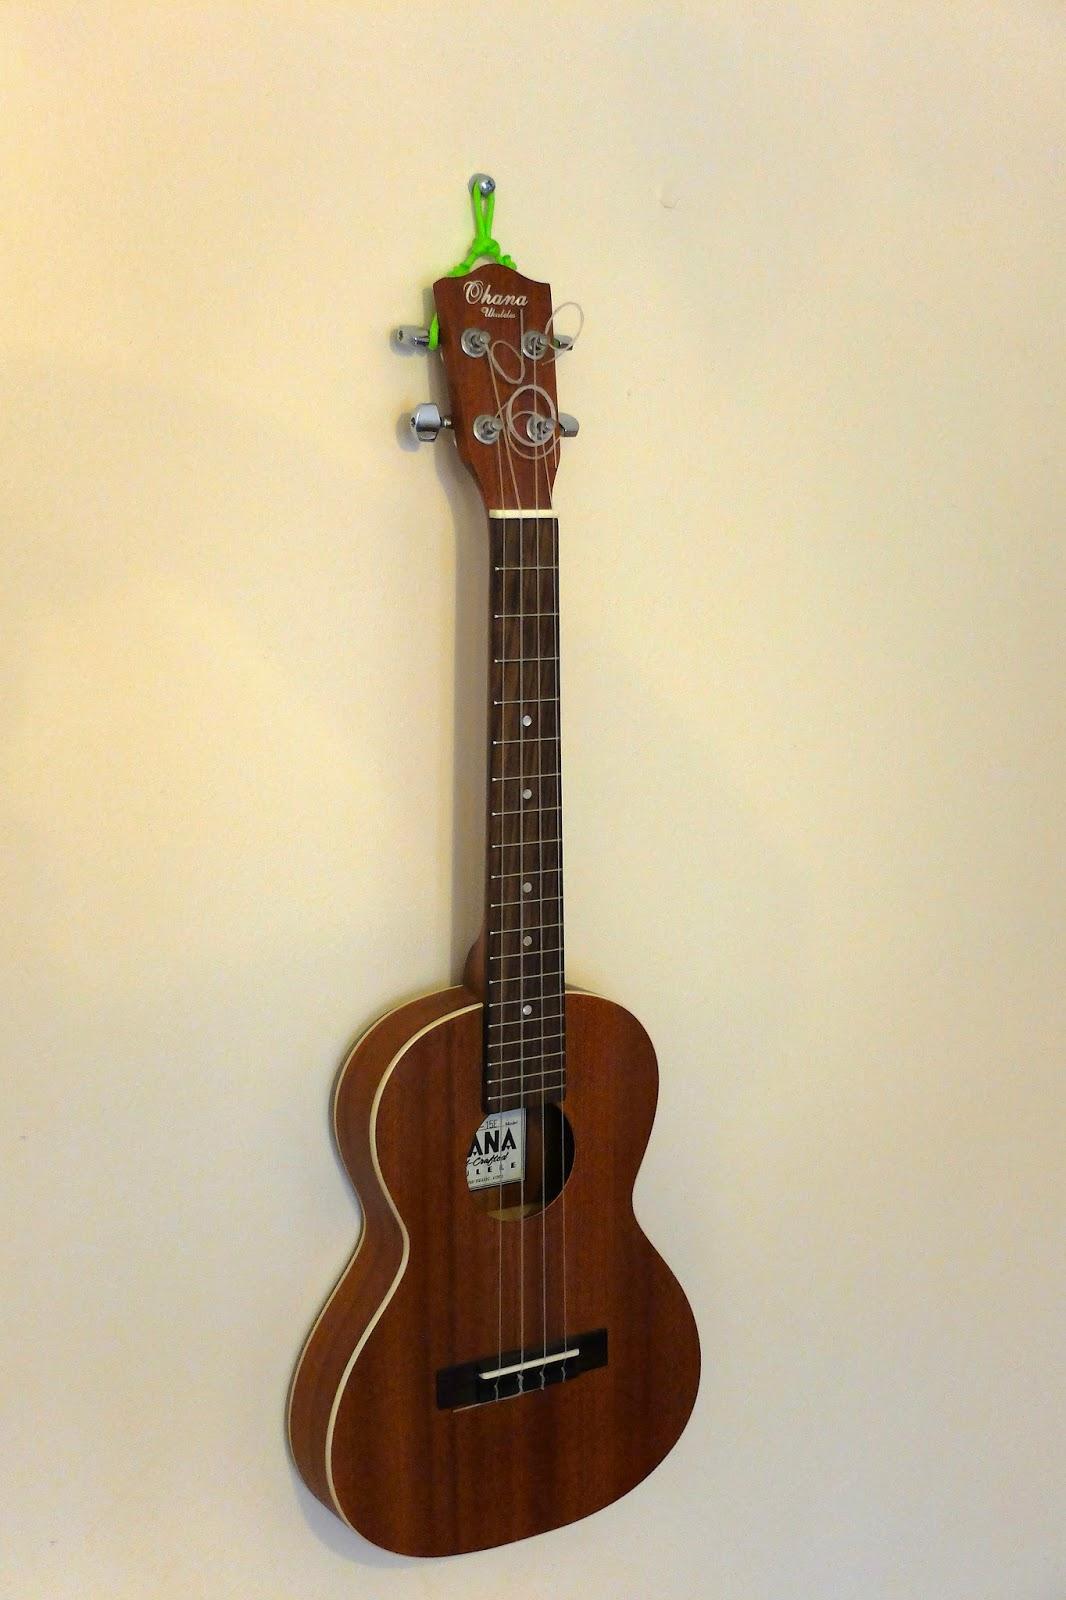 hanging ukulele